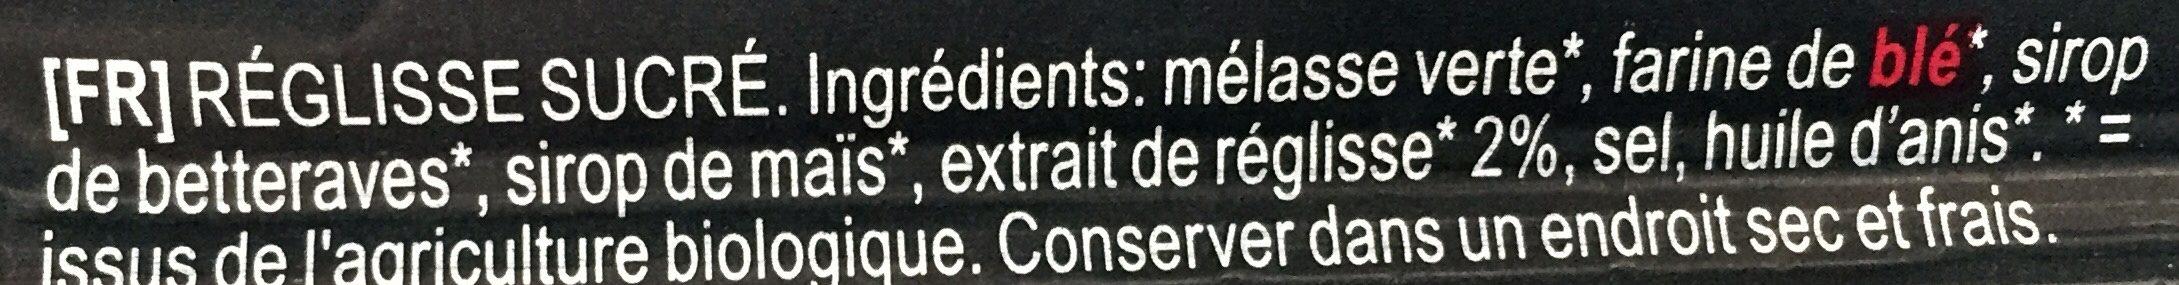 Cordon De Reglisse 60CM - Ingrediënten - fr